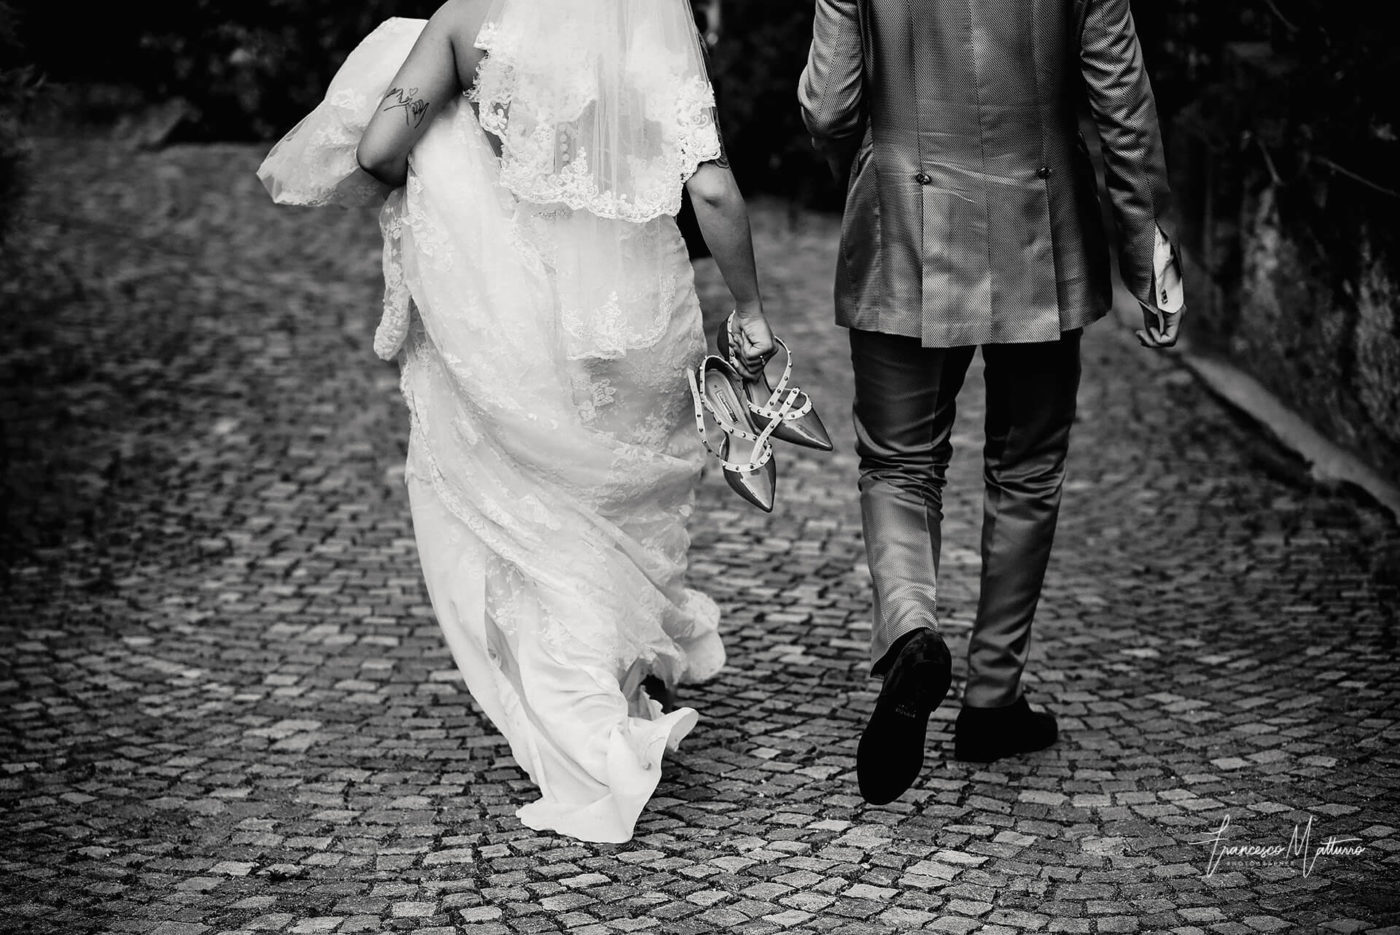 sposa che cammina con le scarpe con borchie in mano per la fatica di fianco al suo sposo si avviano al castello rosso di costigliole saluzzo di Francesco Matturro